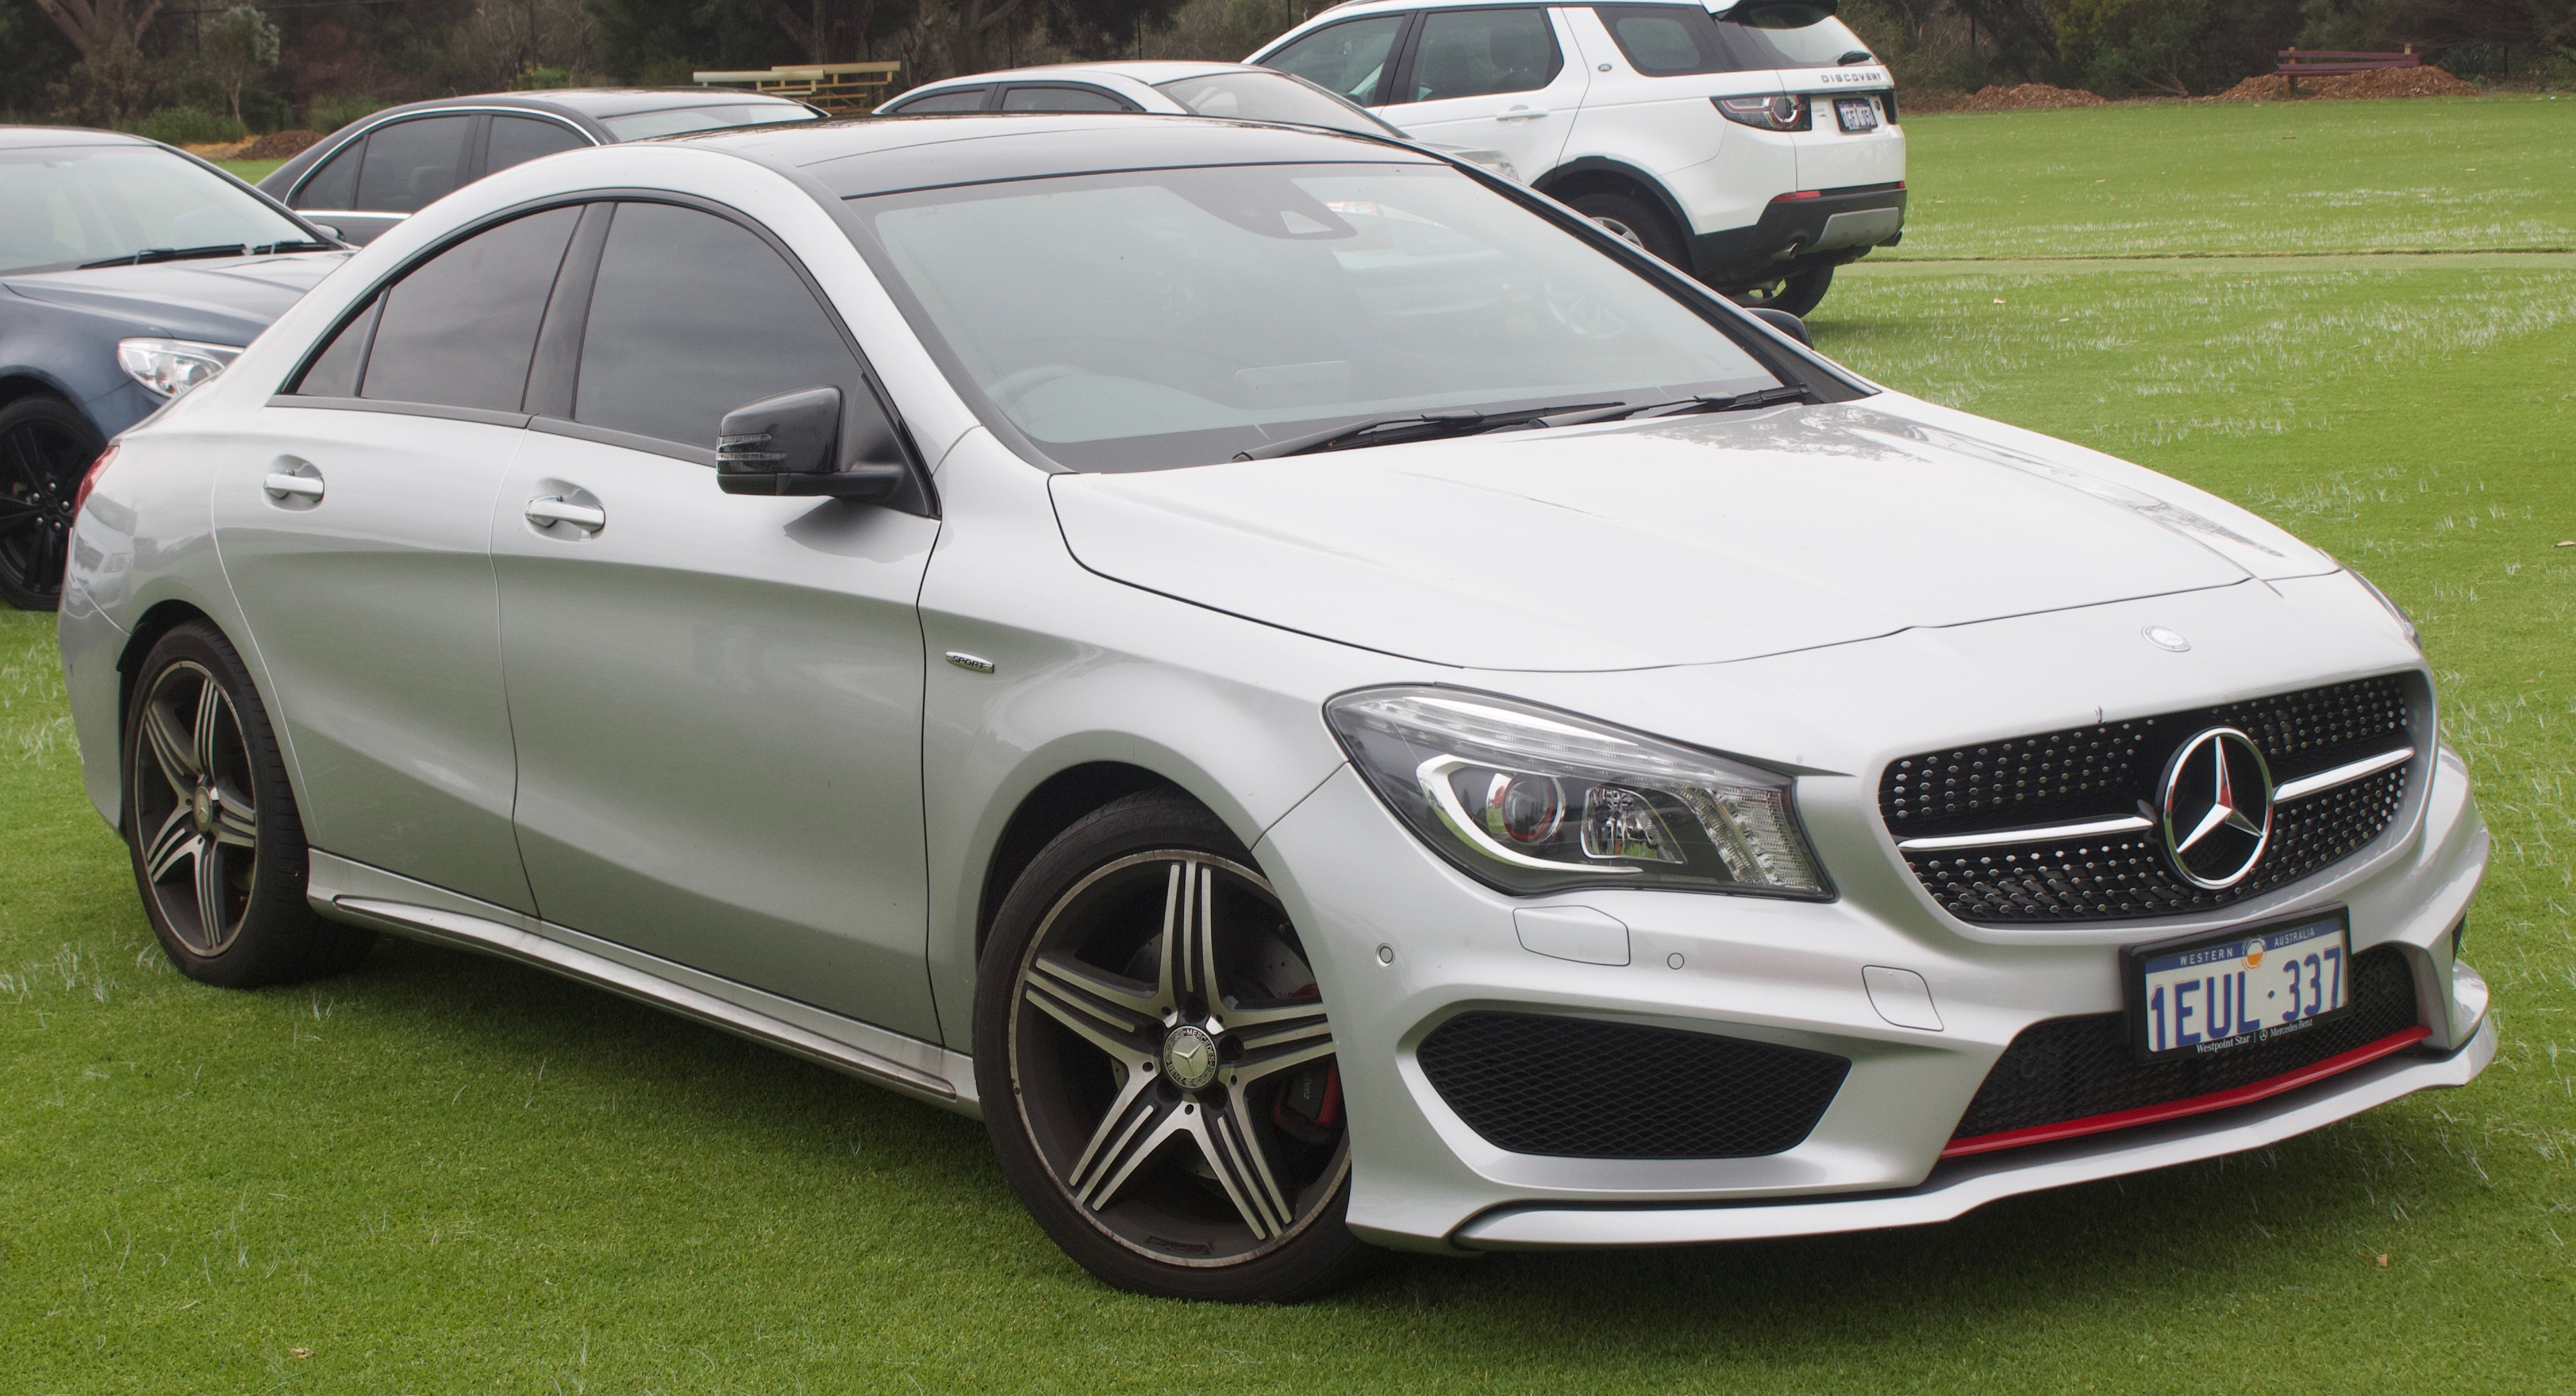 File:2015 Mercedes-Benz CLA 250 (C 117) Sport 4MATIC sedan